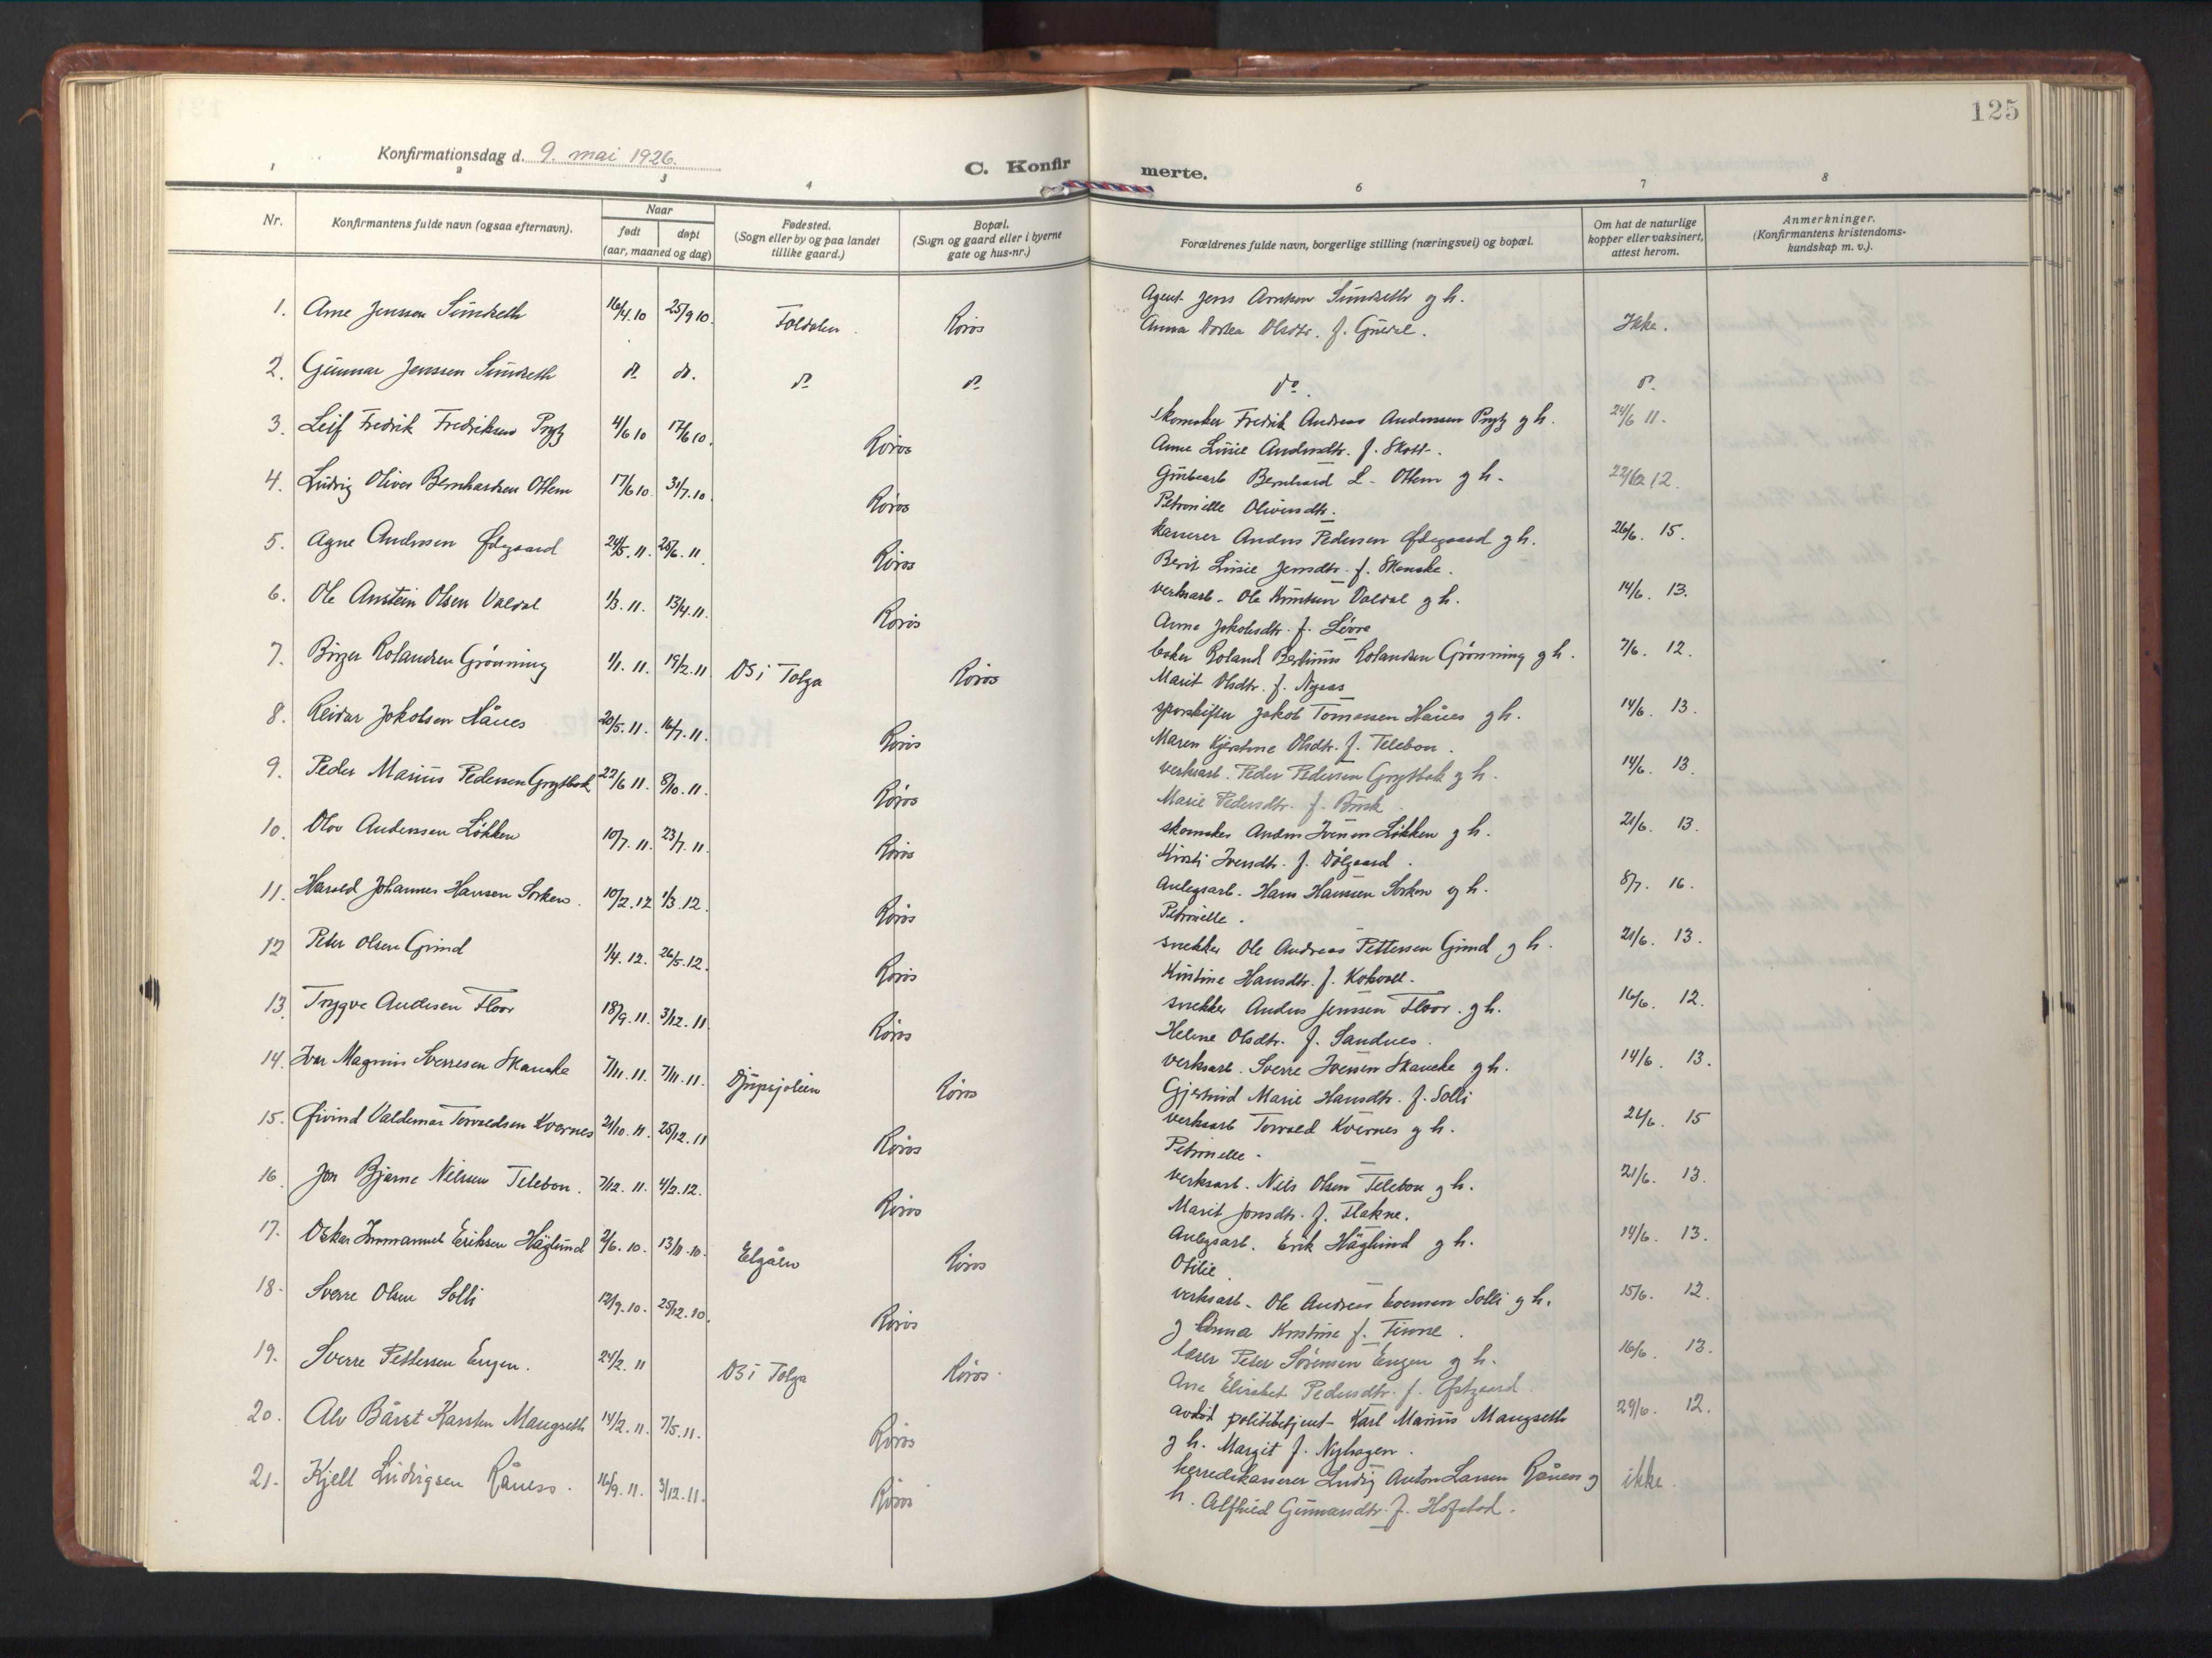 SAT, Ministerialprotokoller, klokkerbøker og fødselsregistre - Sør-Trøndelag, 681/L0943: Klokkerbok nr. 681C07, 1926-1954, s. 125